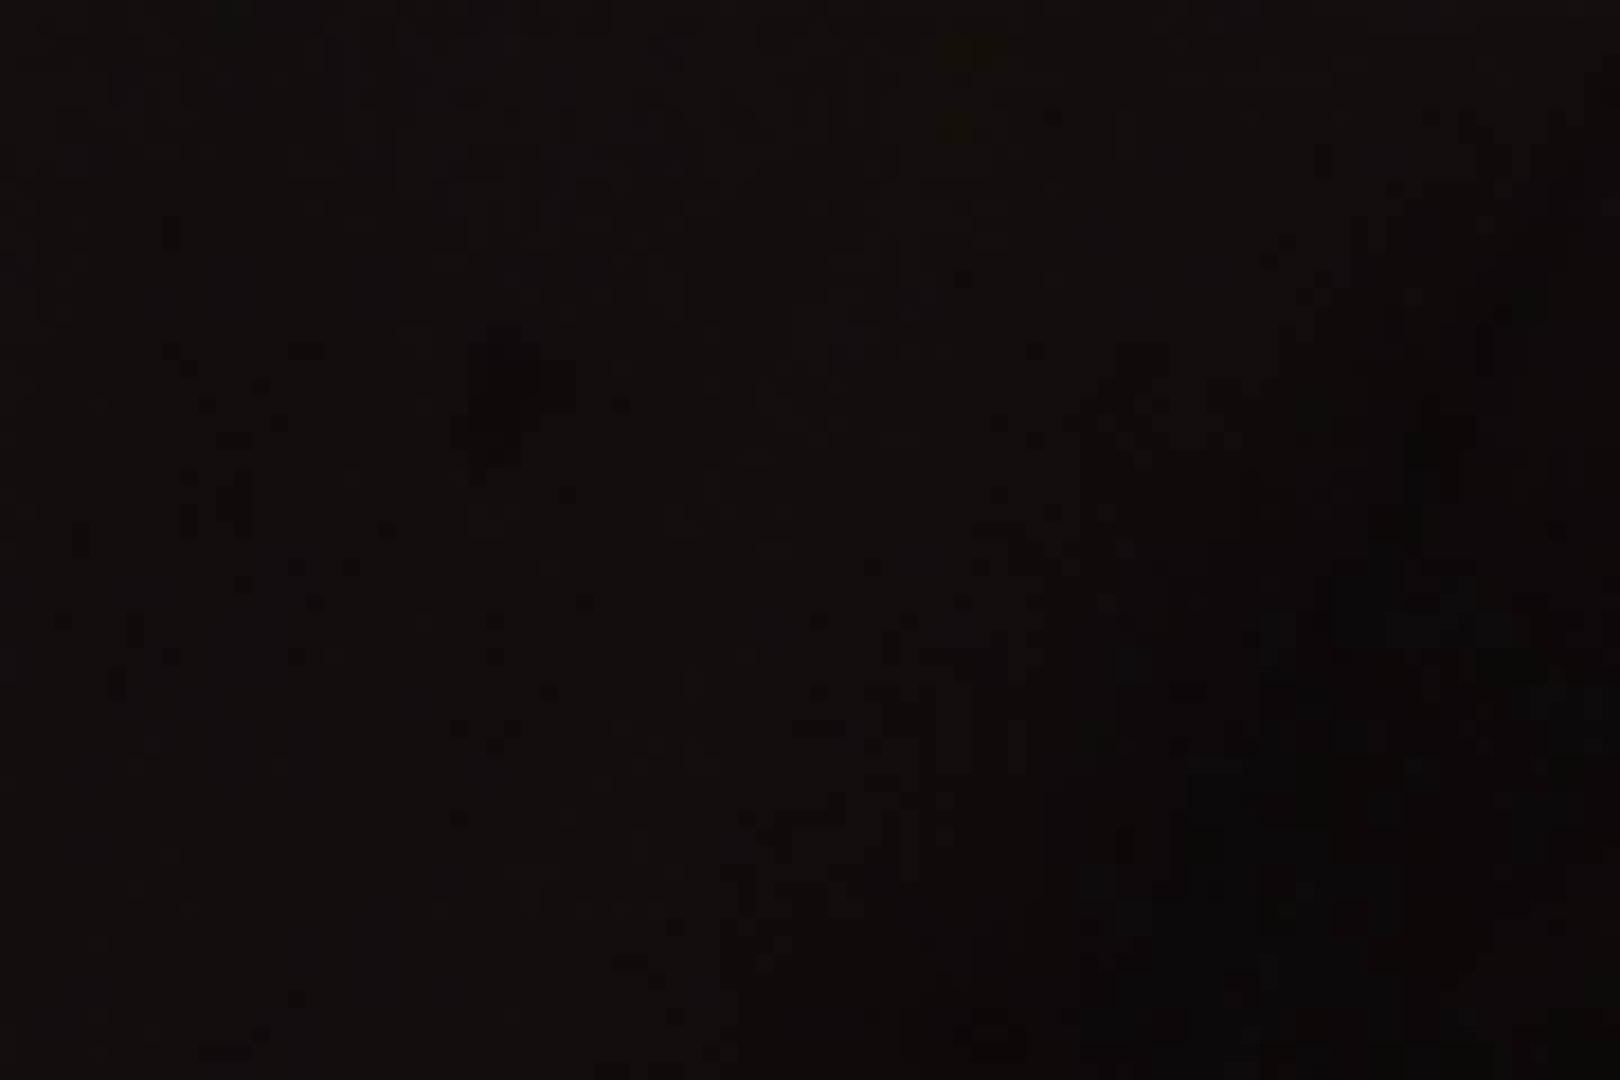 起きません! vol.06 OLハメ撮り  100Pix 86